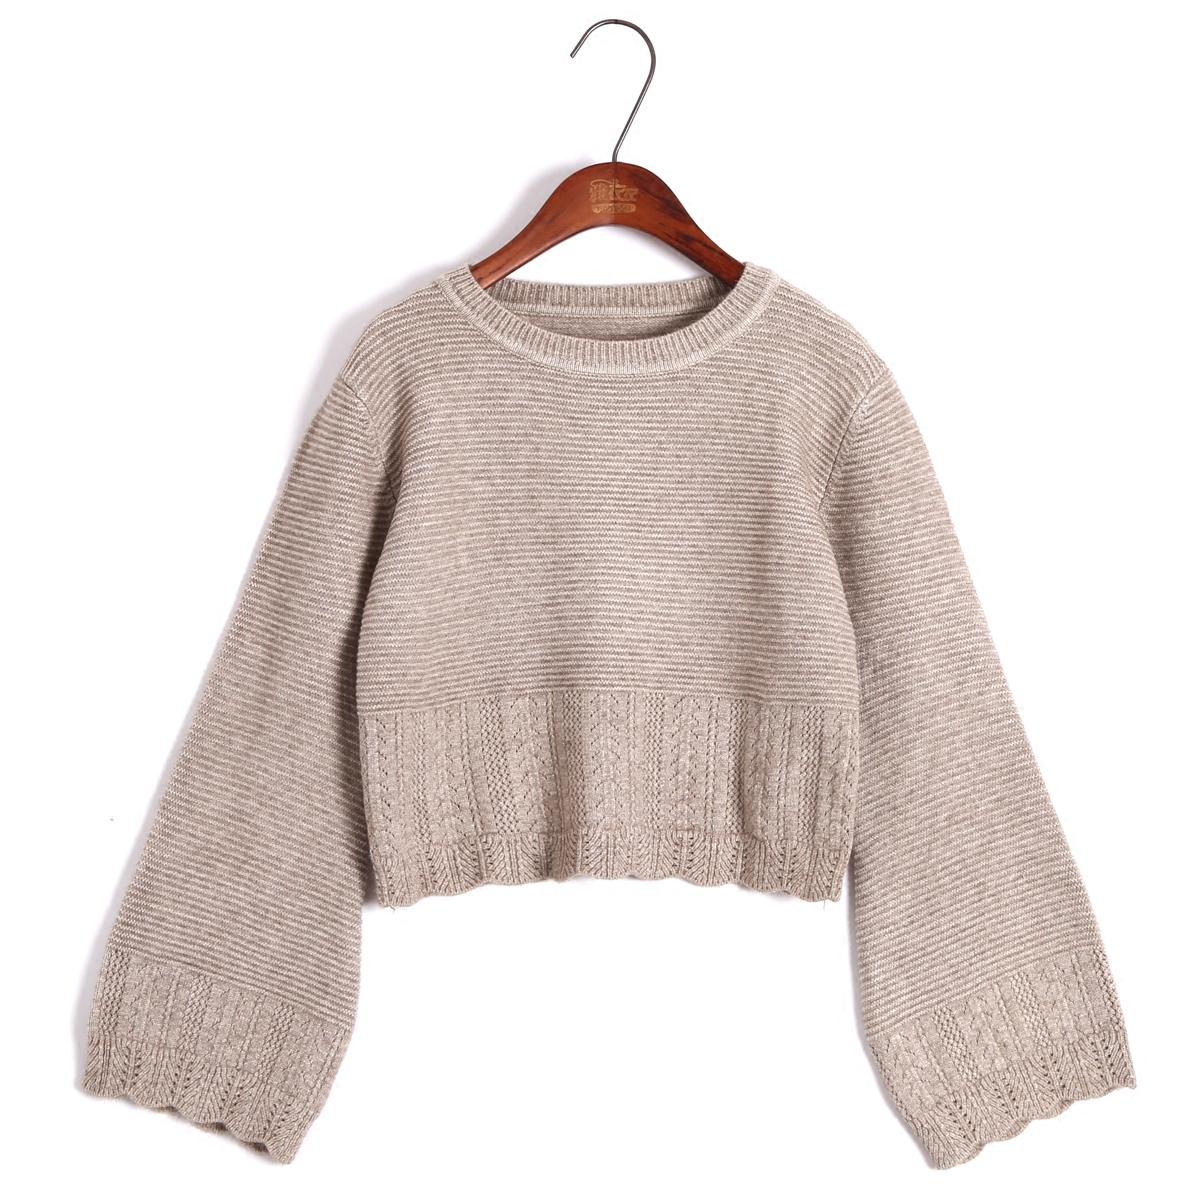 Người đàn ông nhỏ bé trùm đầu vòng cổ siêu ngắn đoạn áo len nhỏ nữ lộ rốn eo cao tay loe áo len đan buông thả mùa thu đông - Áo len cổ chữ V